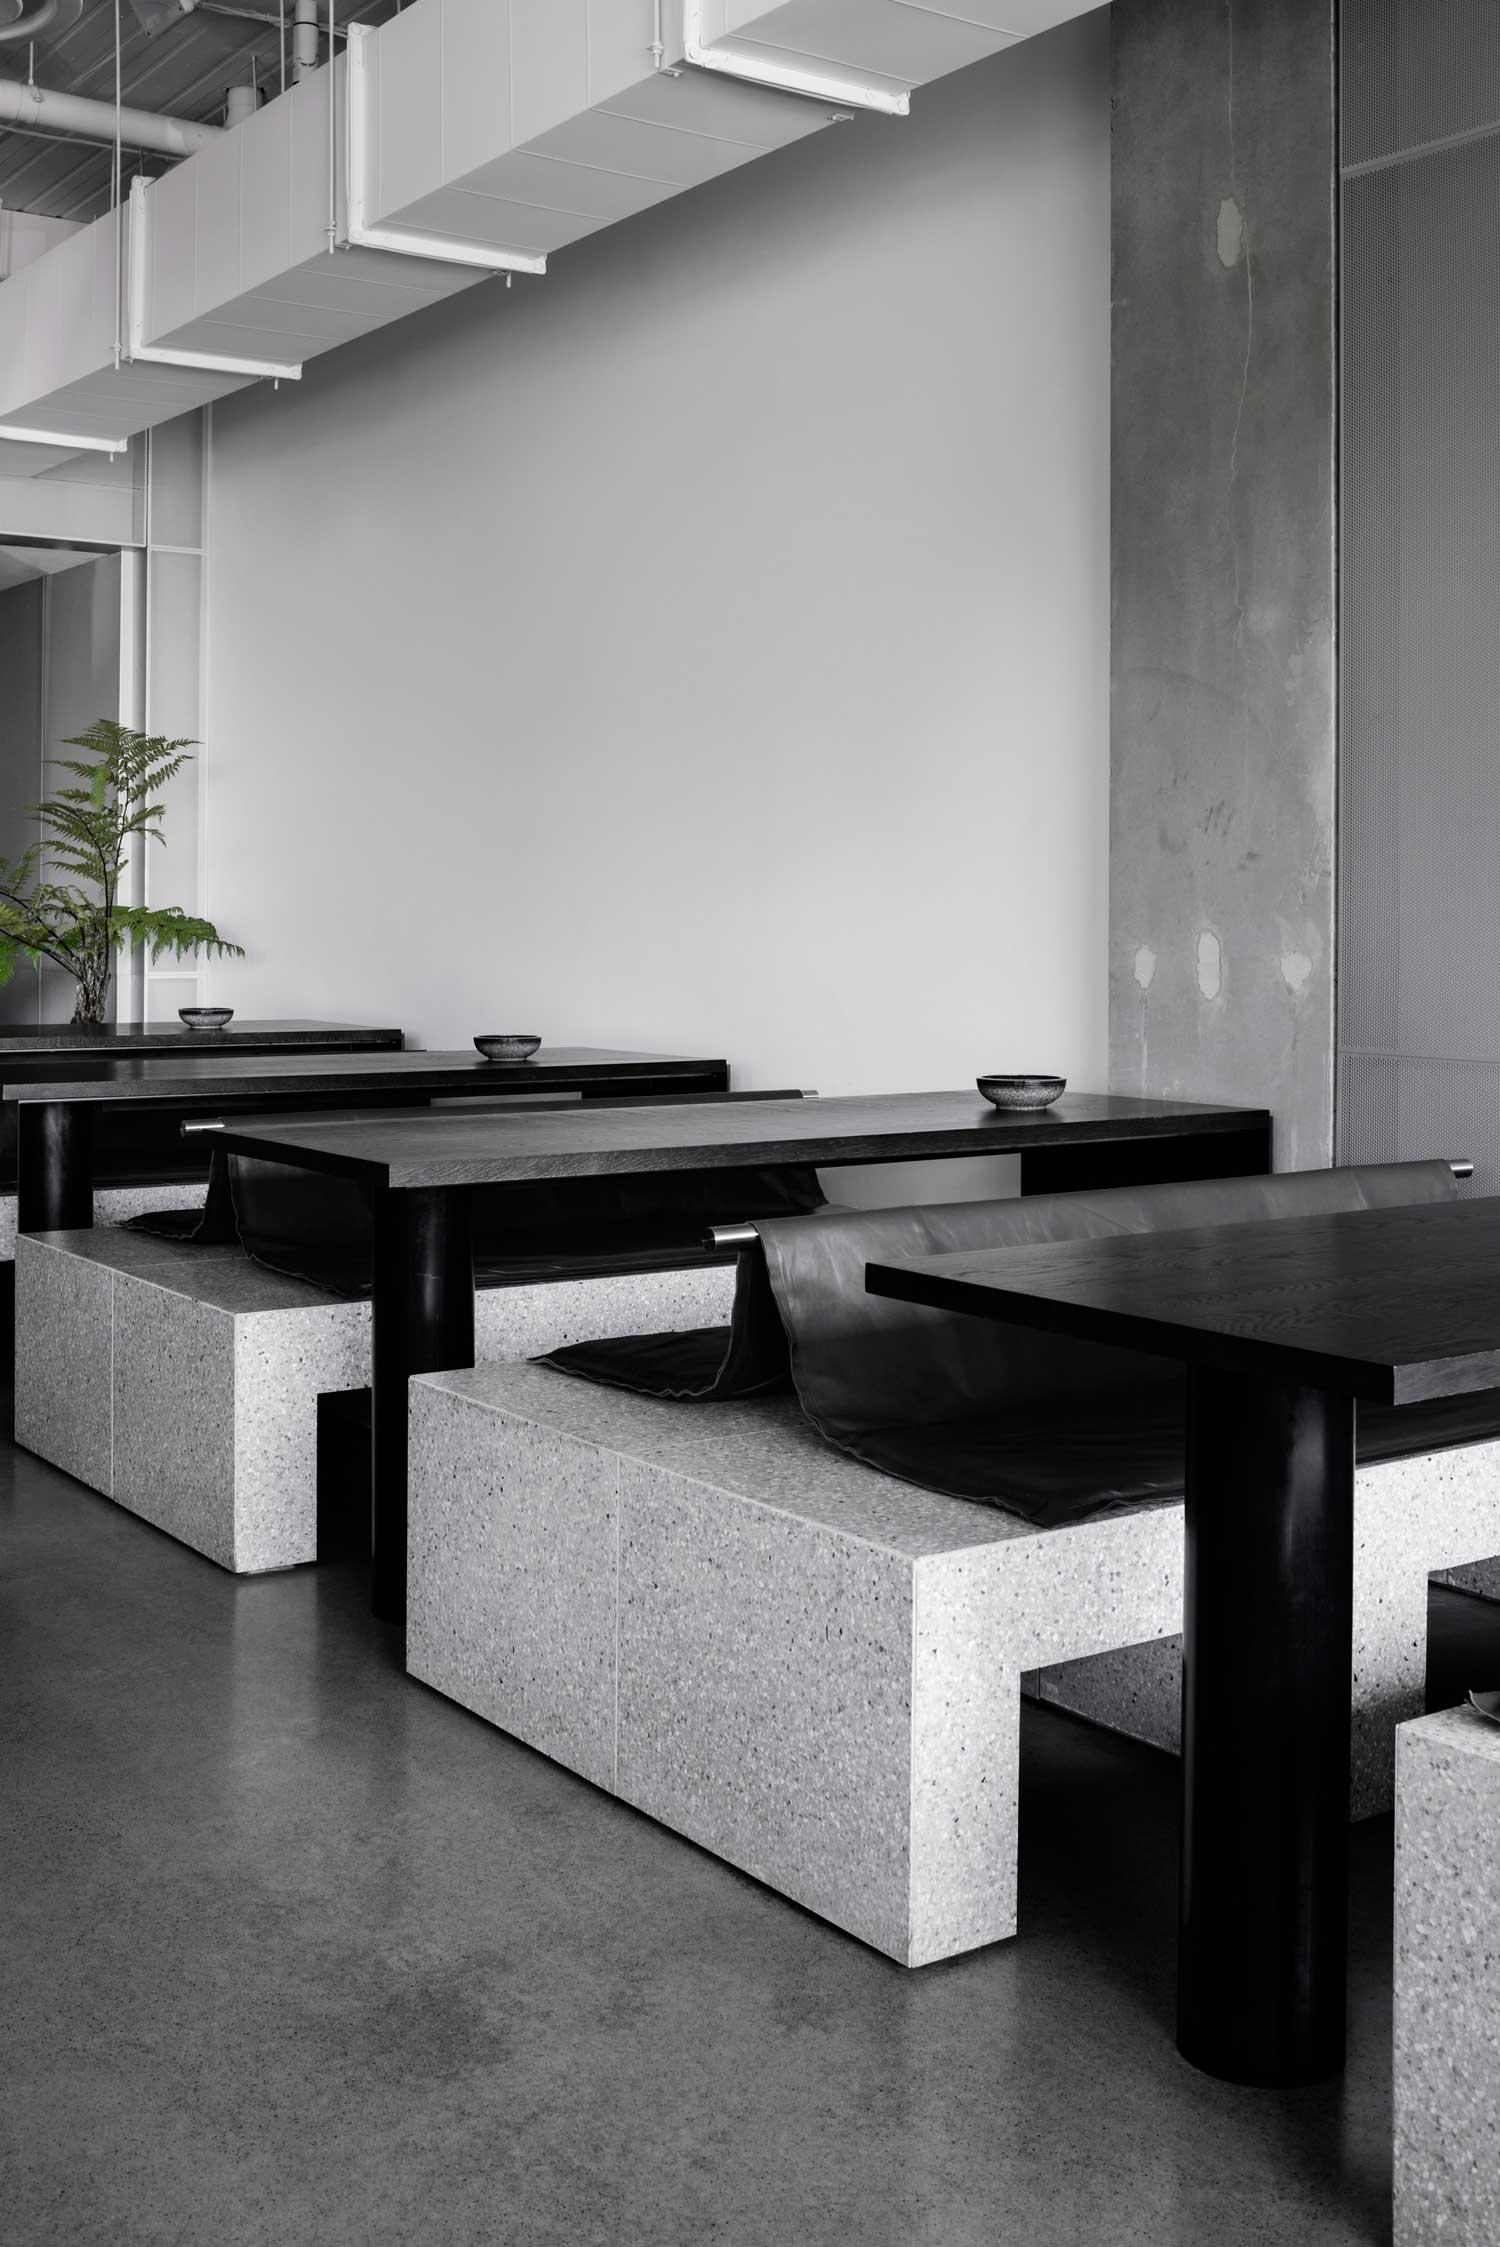 Ritz Penta Café essentially dre - barenbrug   ello